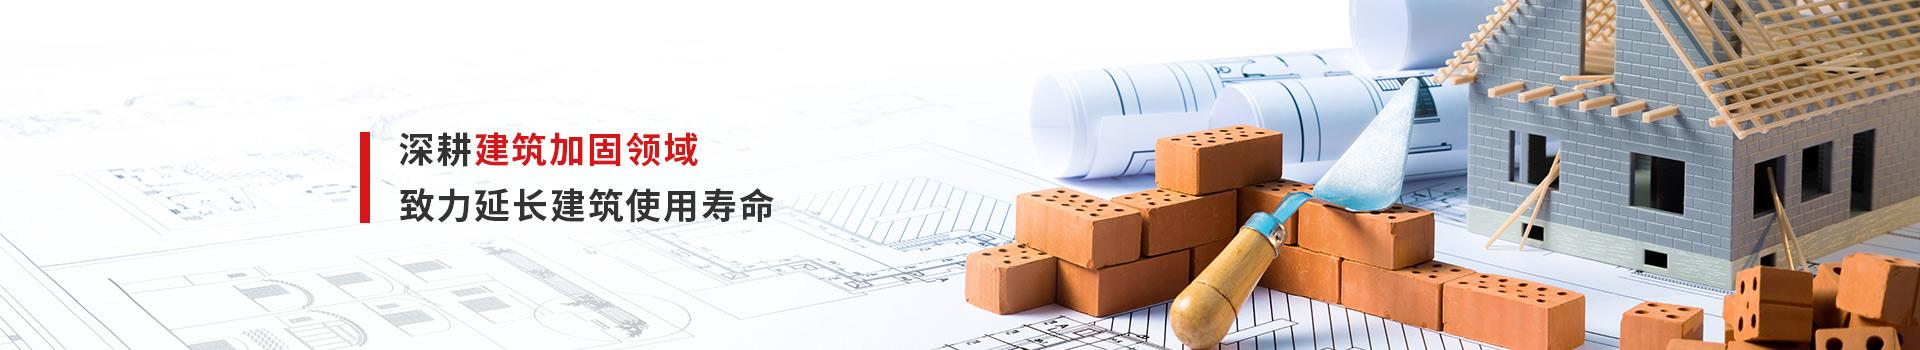 加固博士-深耕建筑加固领域,致力延长建筑使用寿命